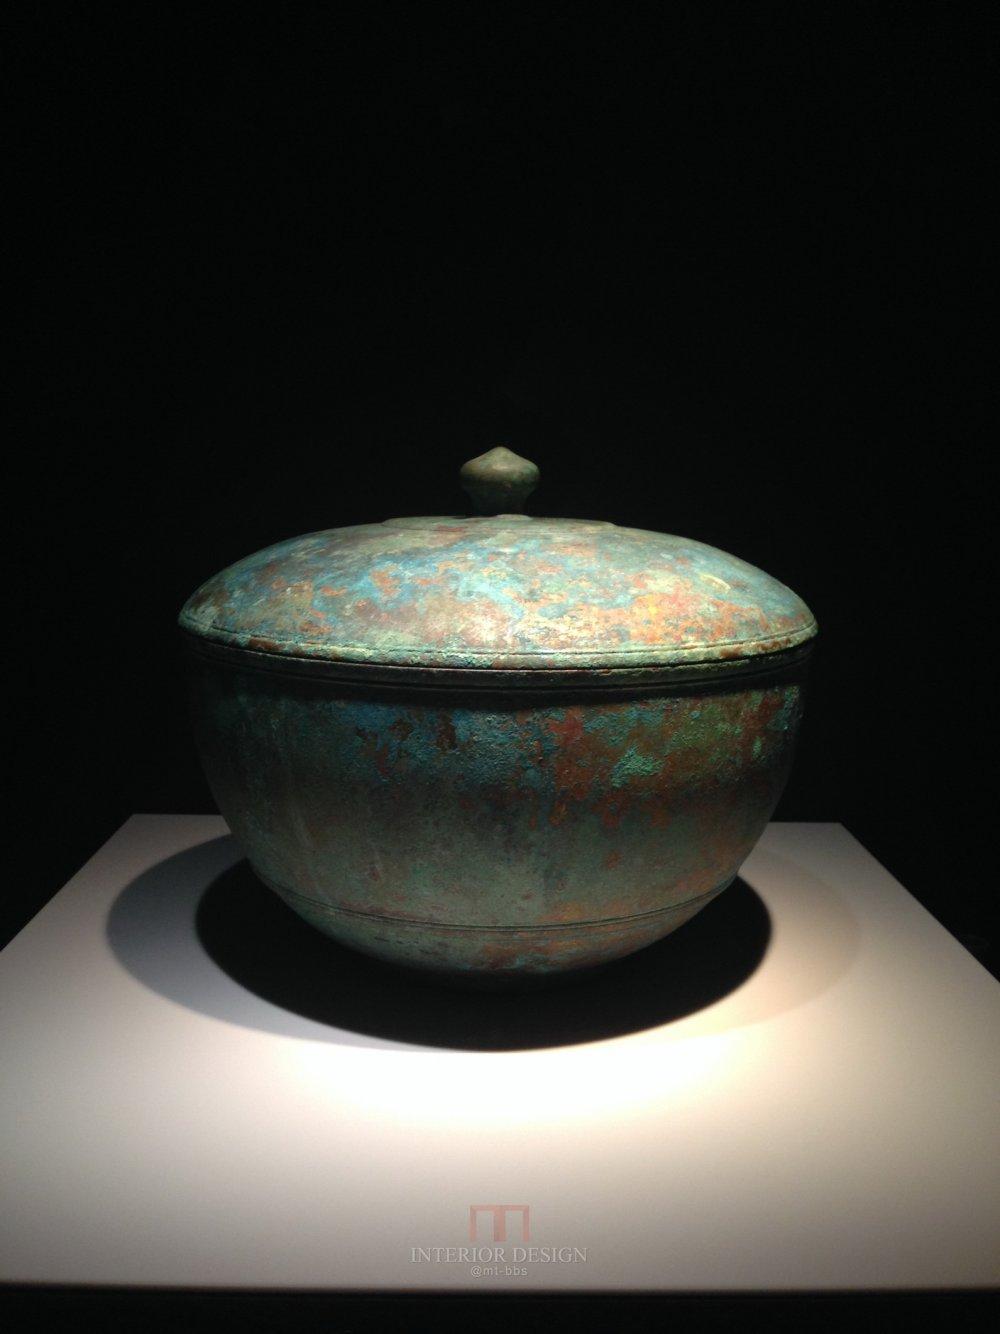 日本美秀美术馆MIHO MUSEUM自拍分享-贝聿铭_IMG_7268.JPG